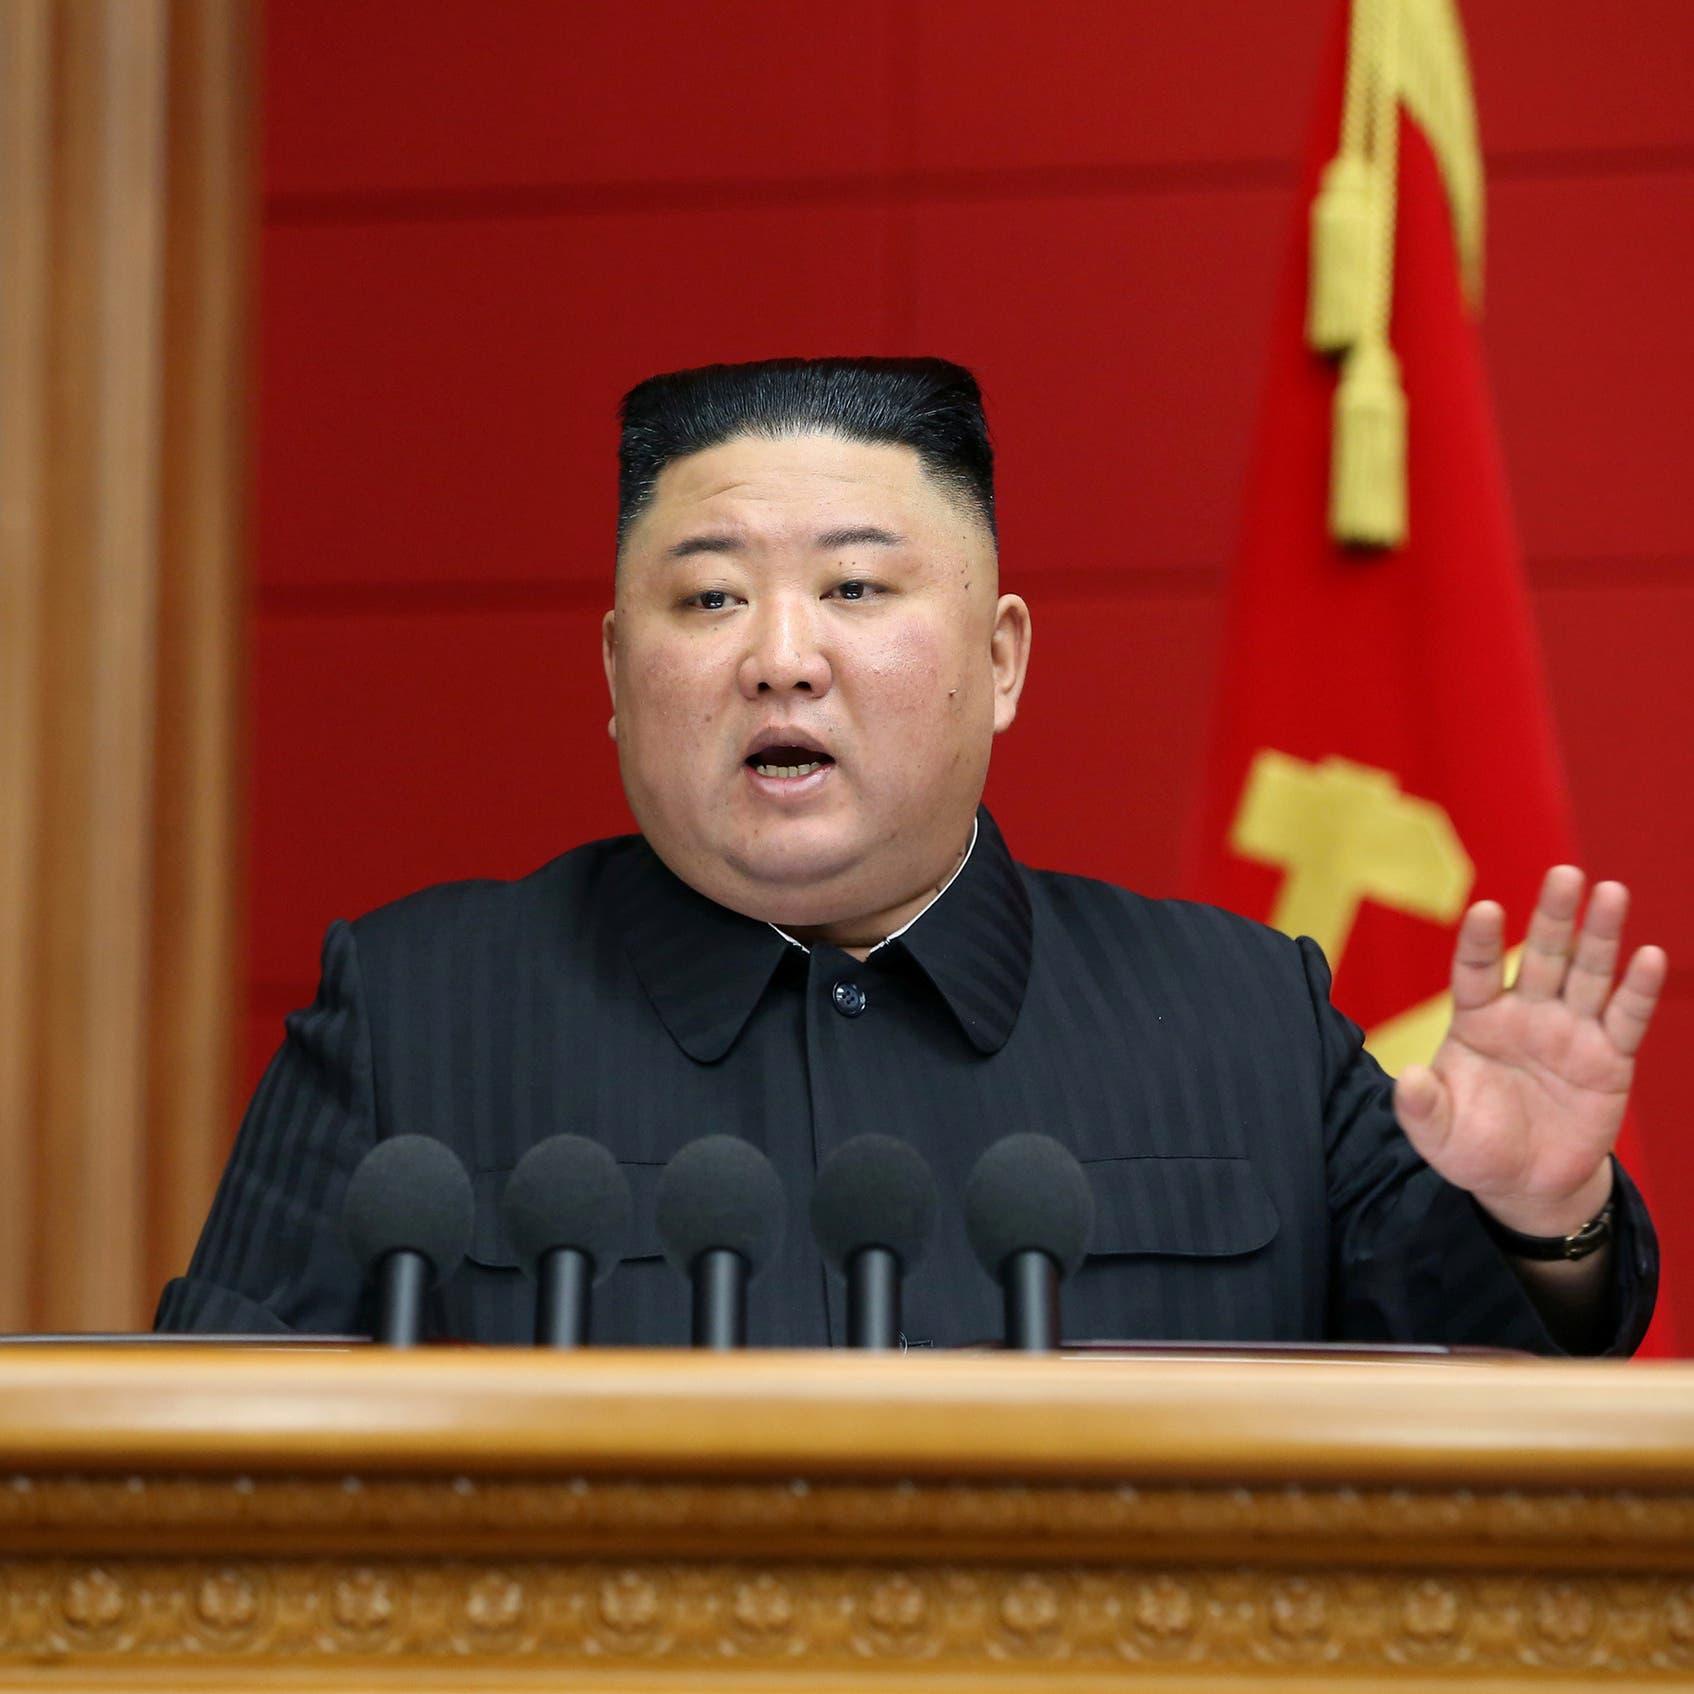 واشنطن لزعيم كوريا الشمالية: ننتظر اتصالا مباشرا